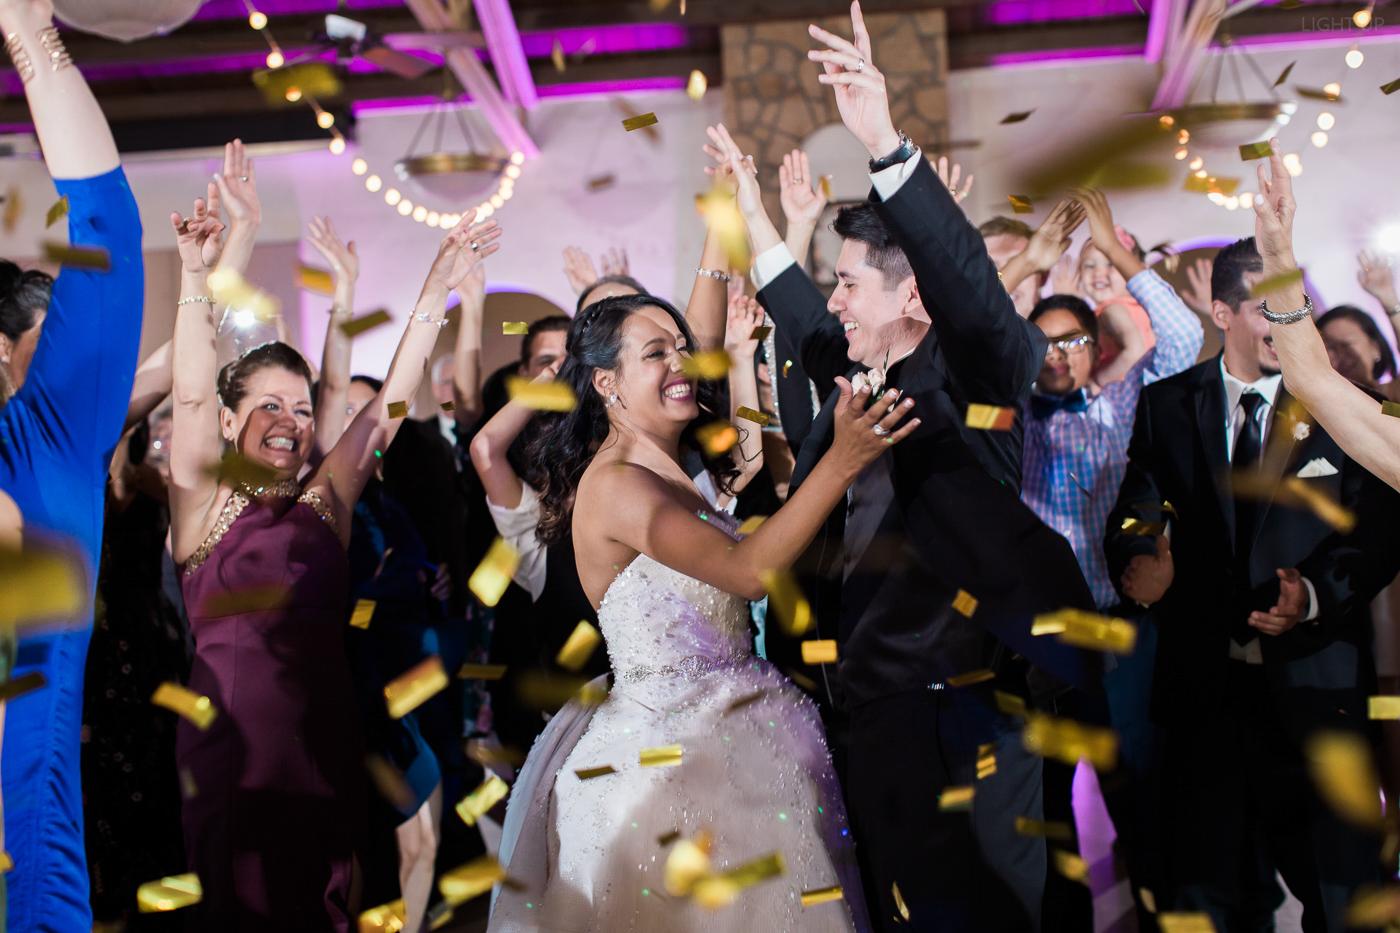 wedding confetti-3.jpg